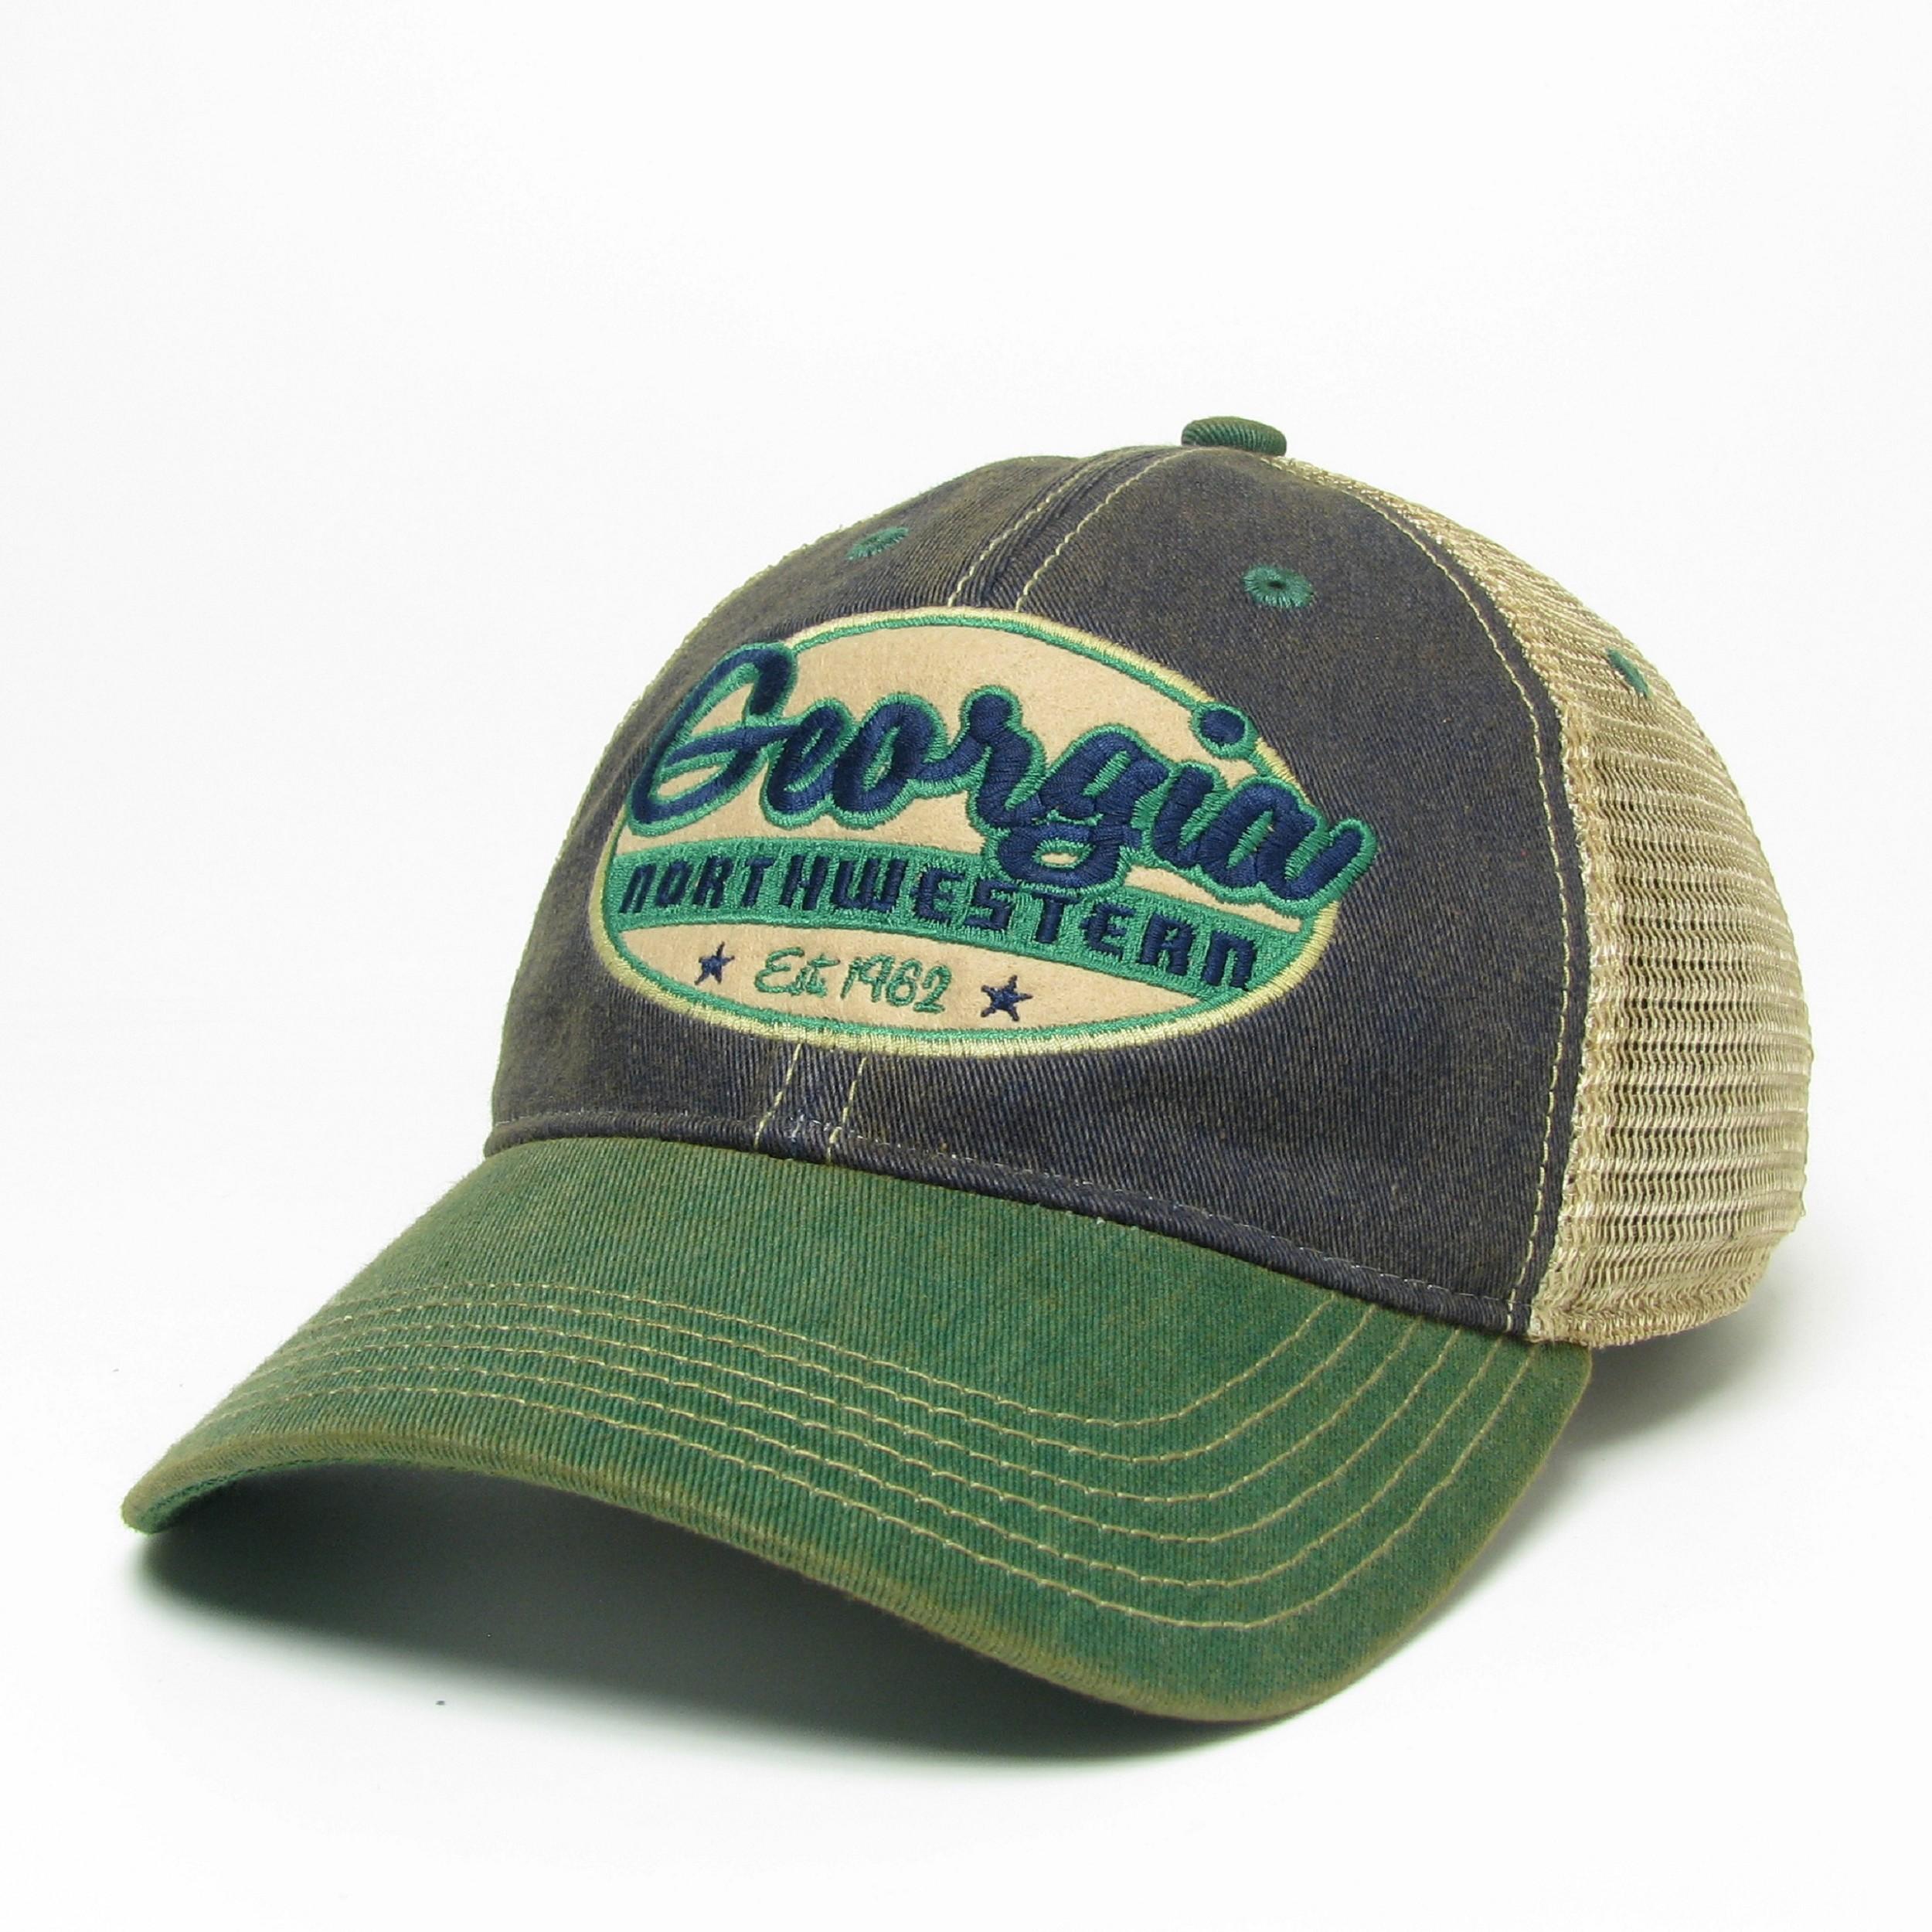 Georgia Northwestern Est. 1962 Old Favorite Trucker Hat